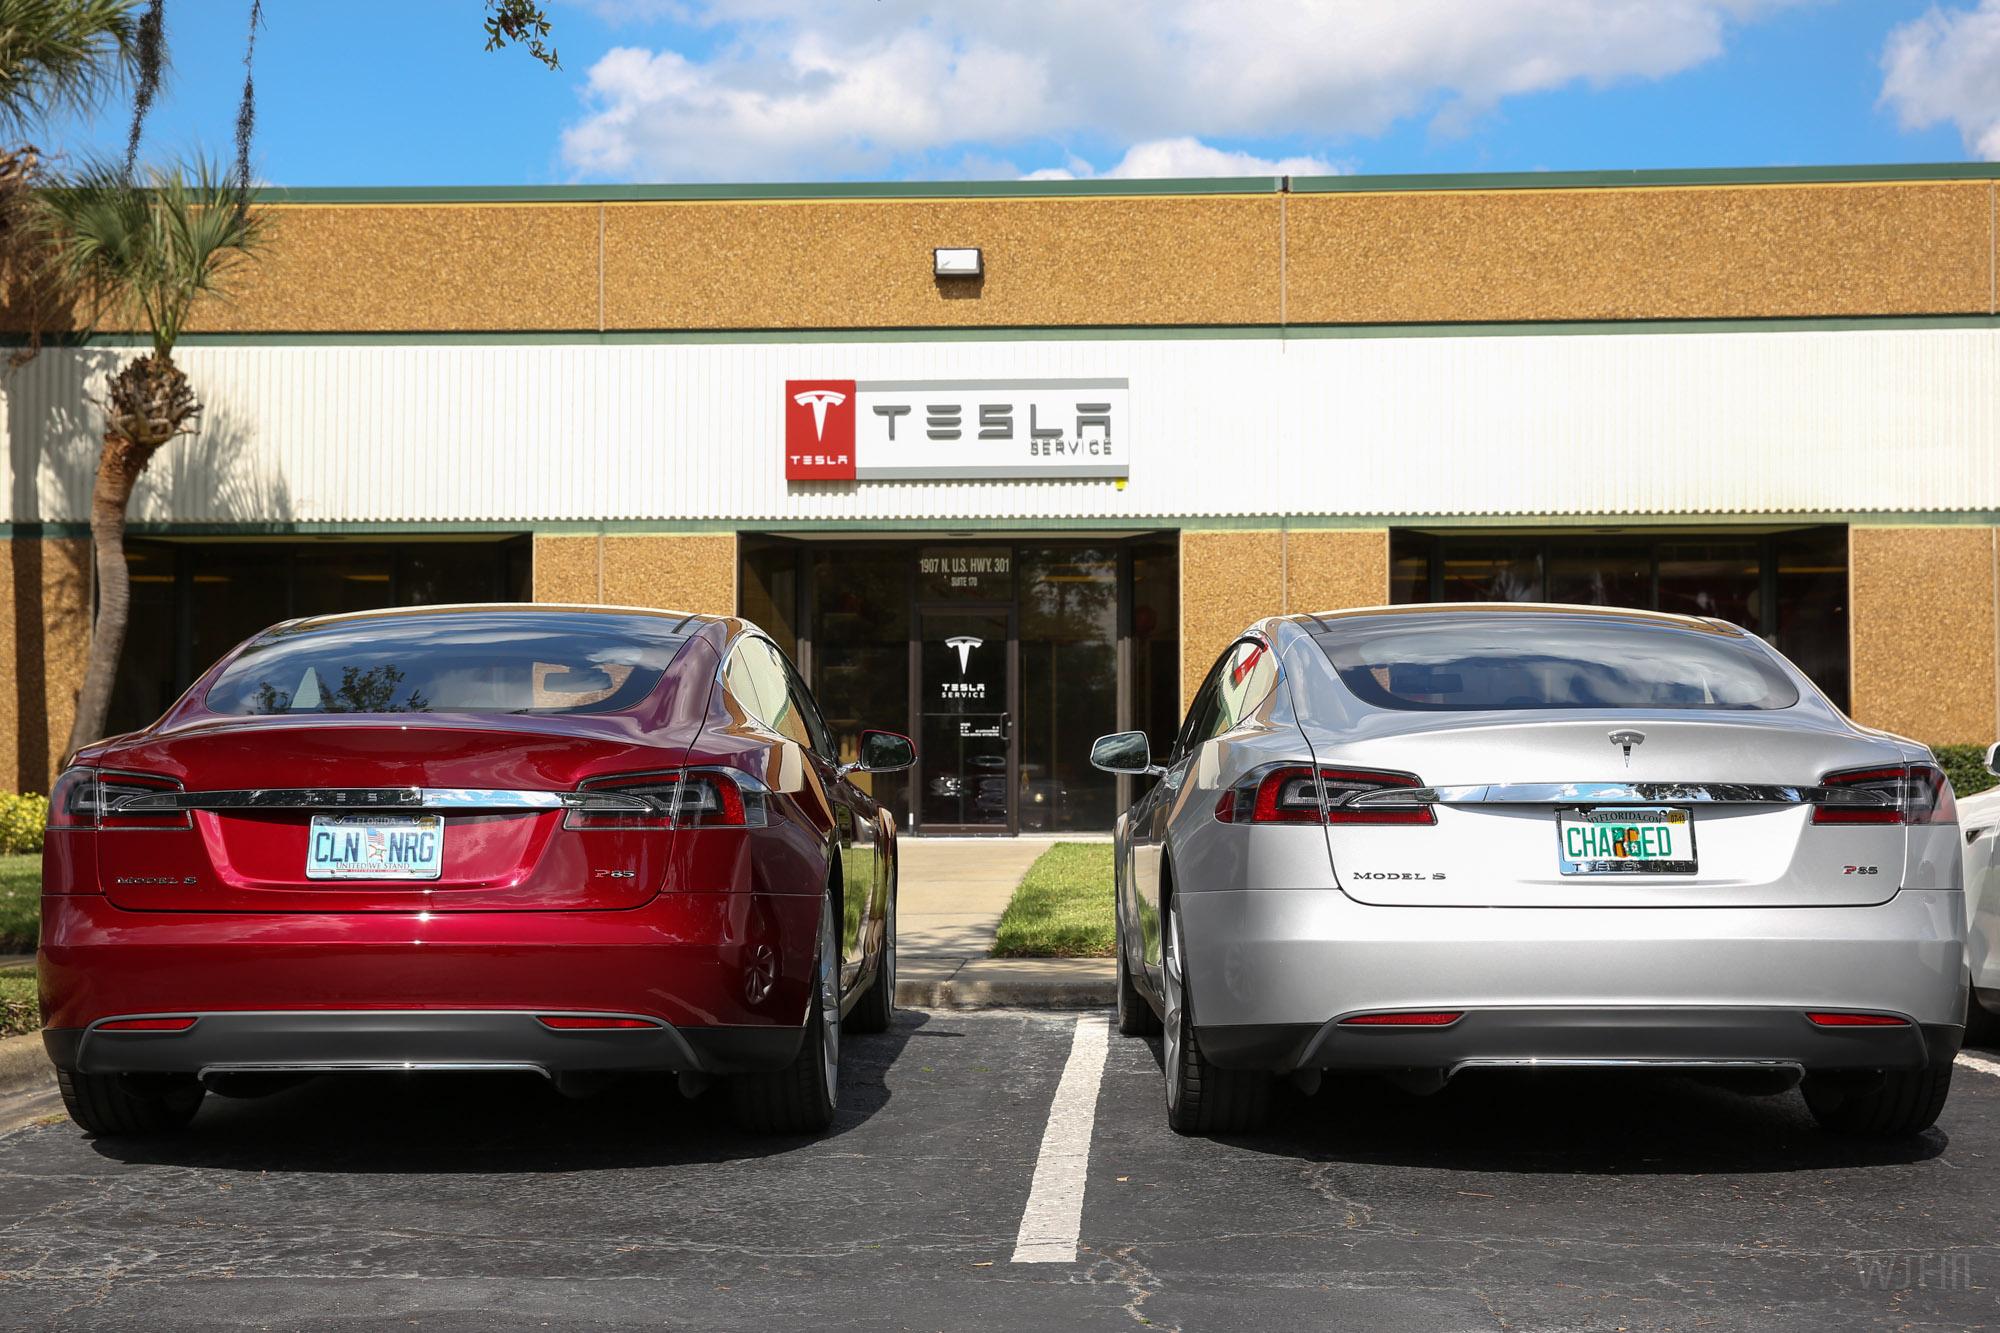 TeslaMotorsClub_Tampa_28APR13_0145.jpg